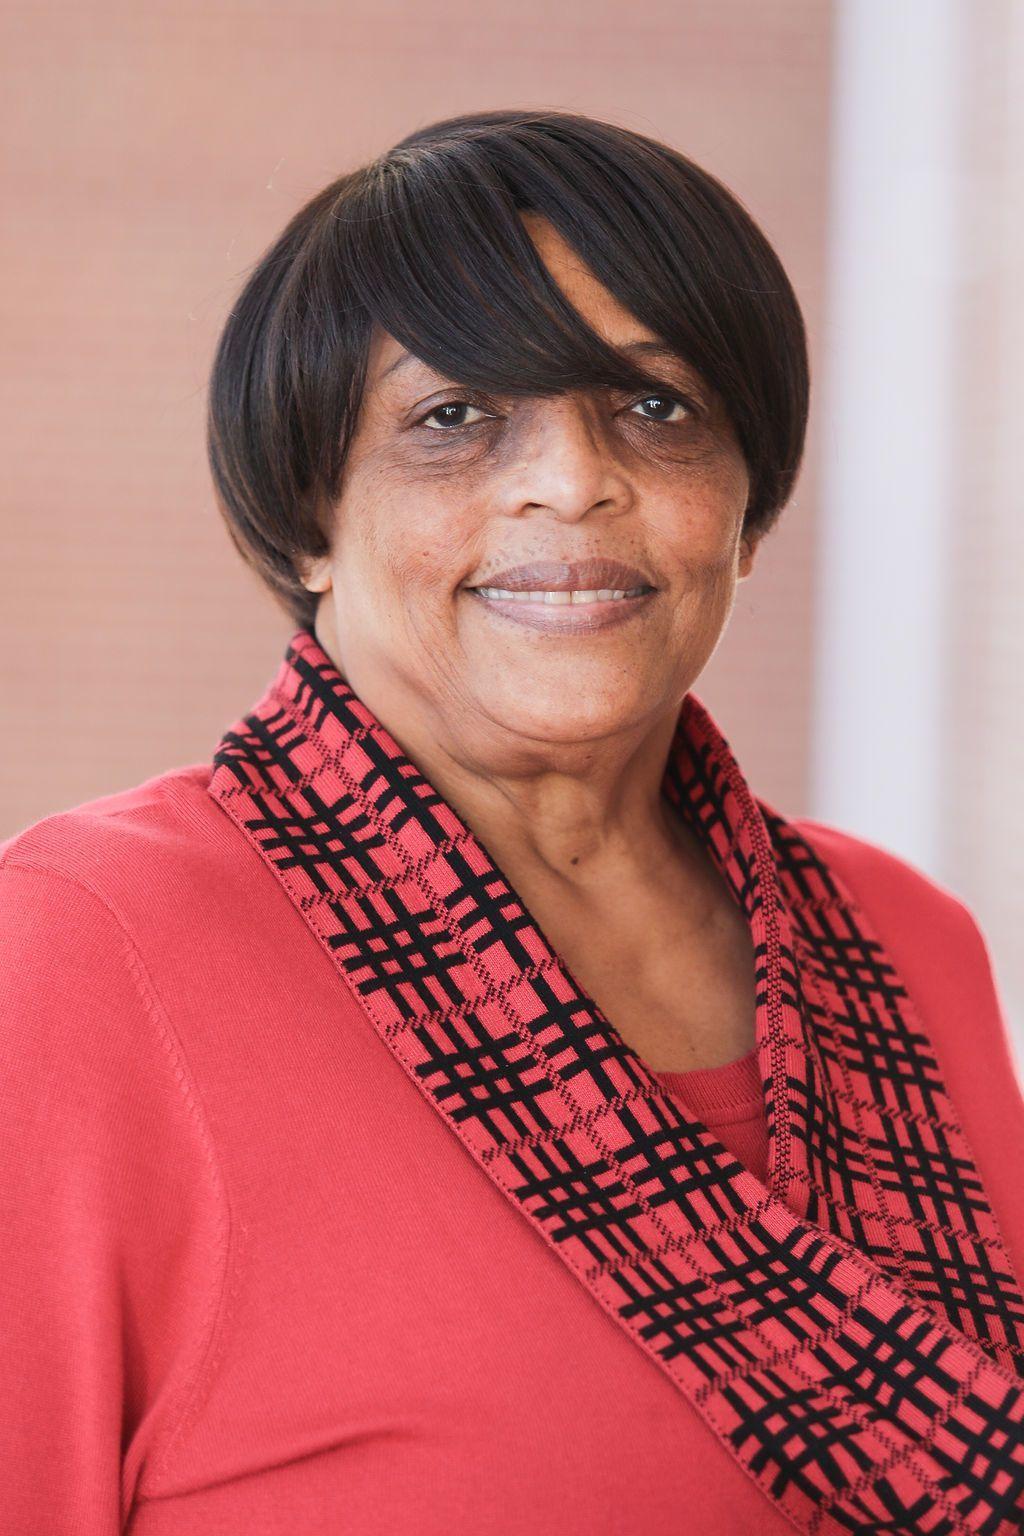 Pauline Stokes